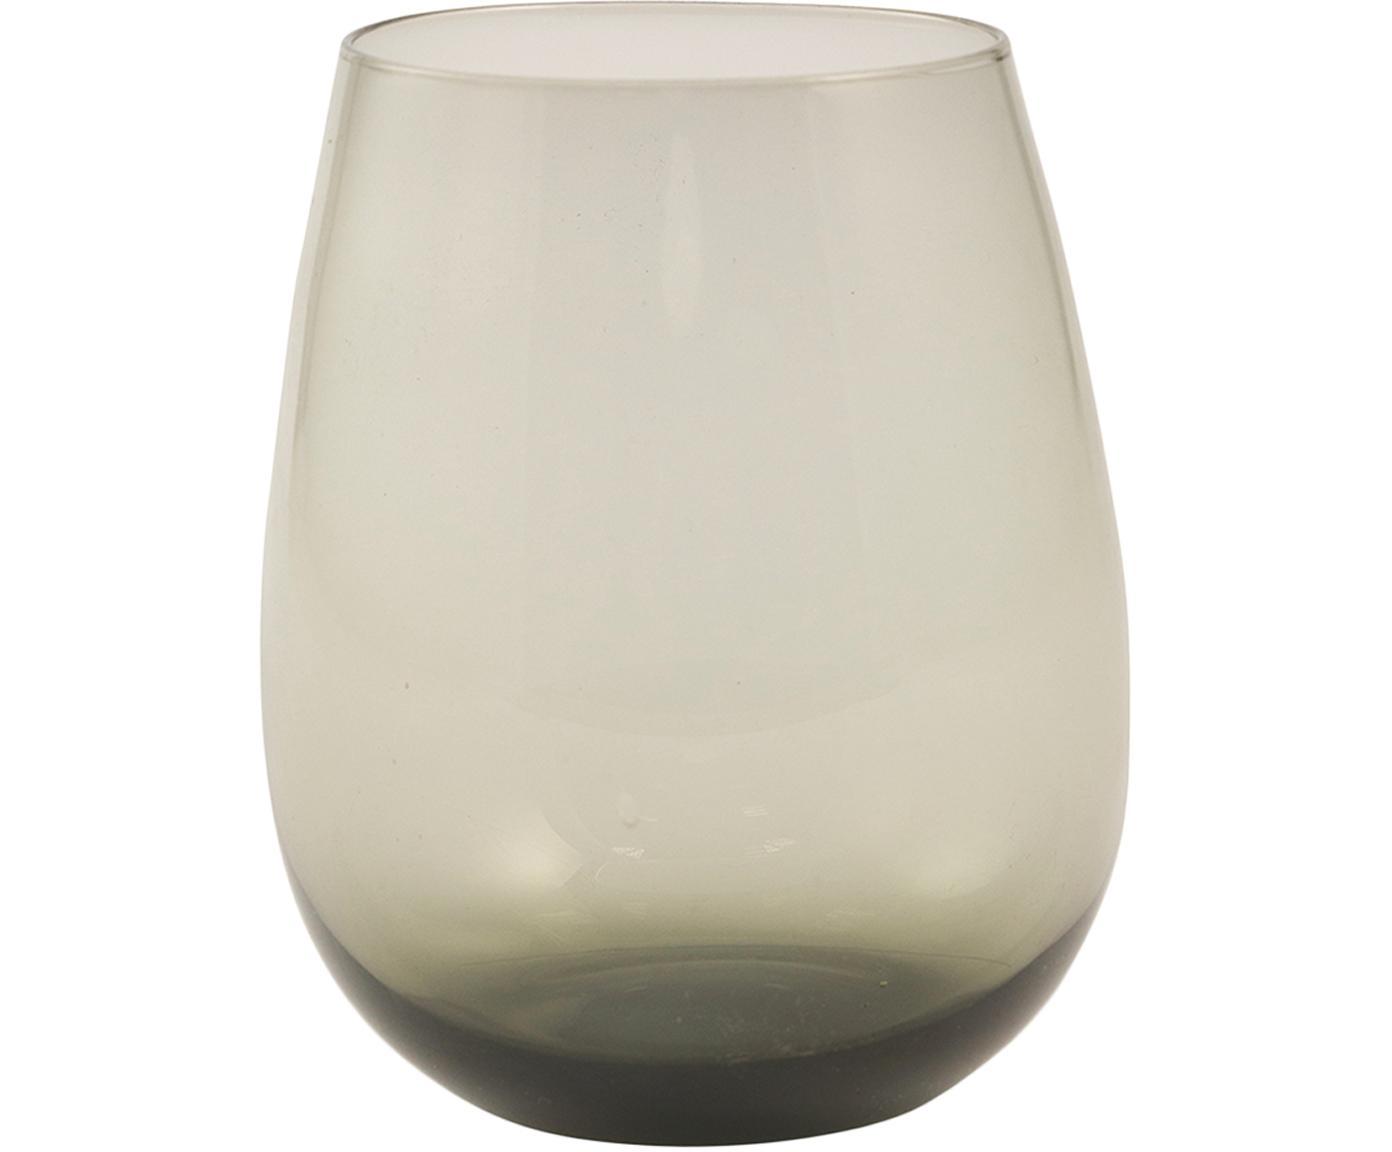 Masywna szklanka do wody Happy Hour, 6 szt., Szkło, Szary, Ø 9 x W 11 cm